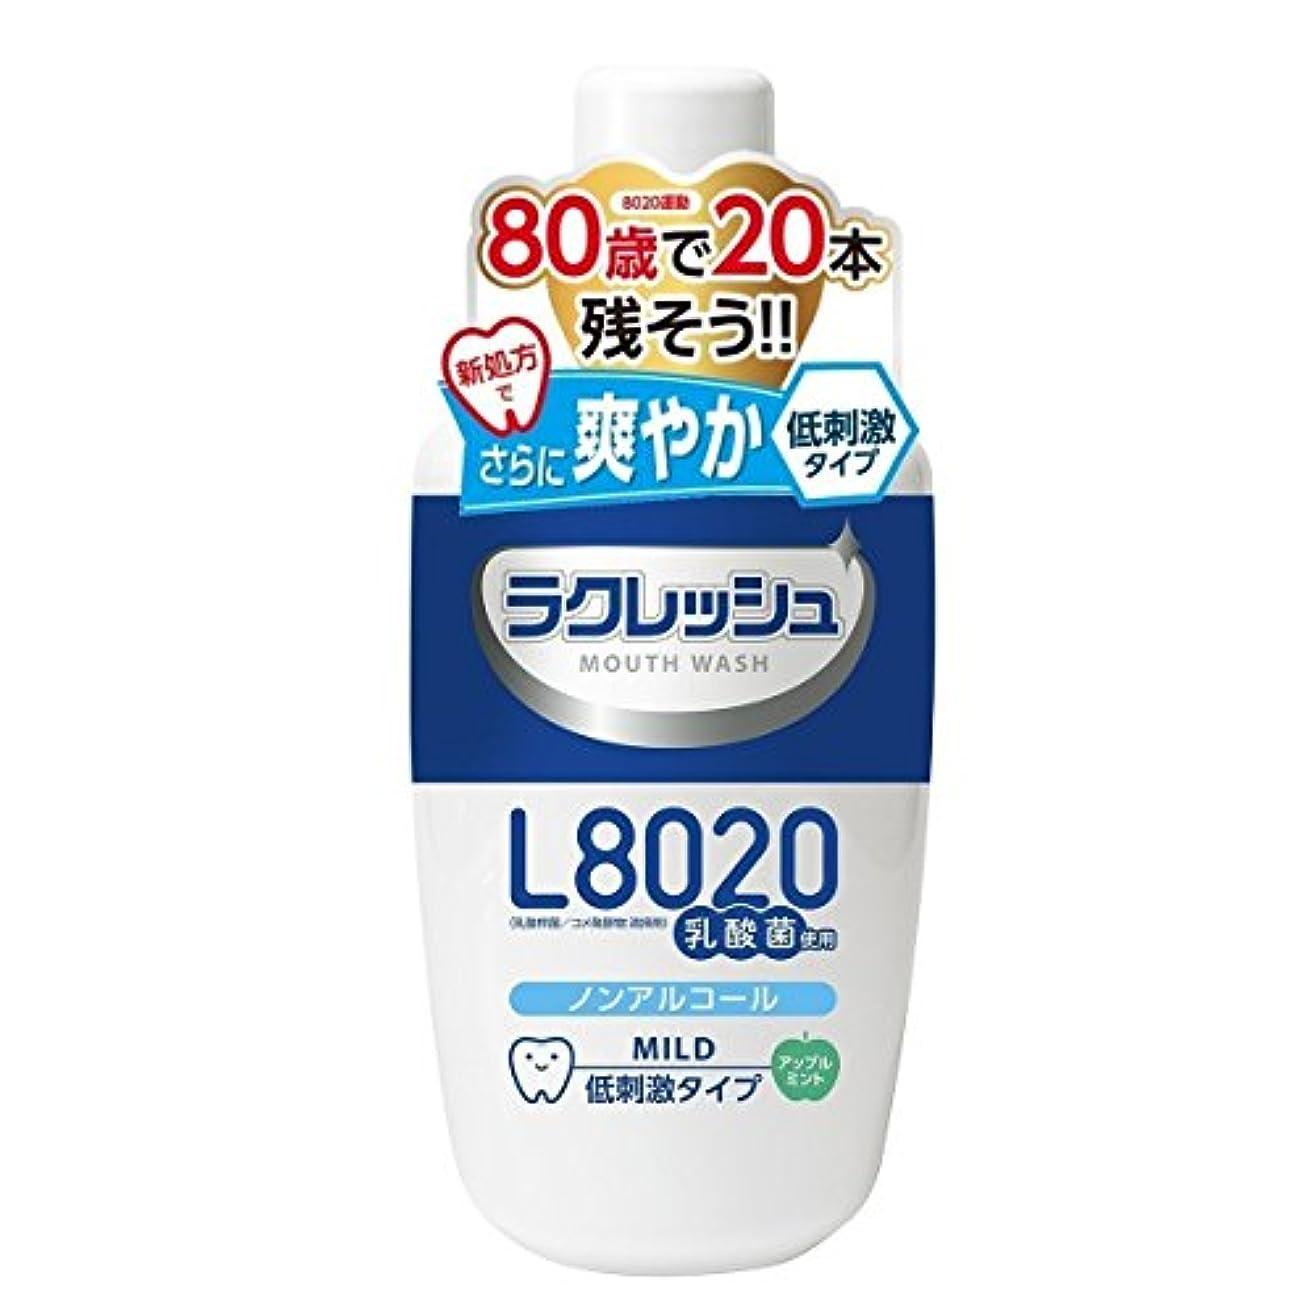 驚におい行○ ラクレッシュ L8020菌使用 マウスウォッシュ ノンアルコールタイプ 300mL×48個セット 2ケース分